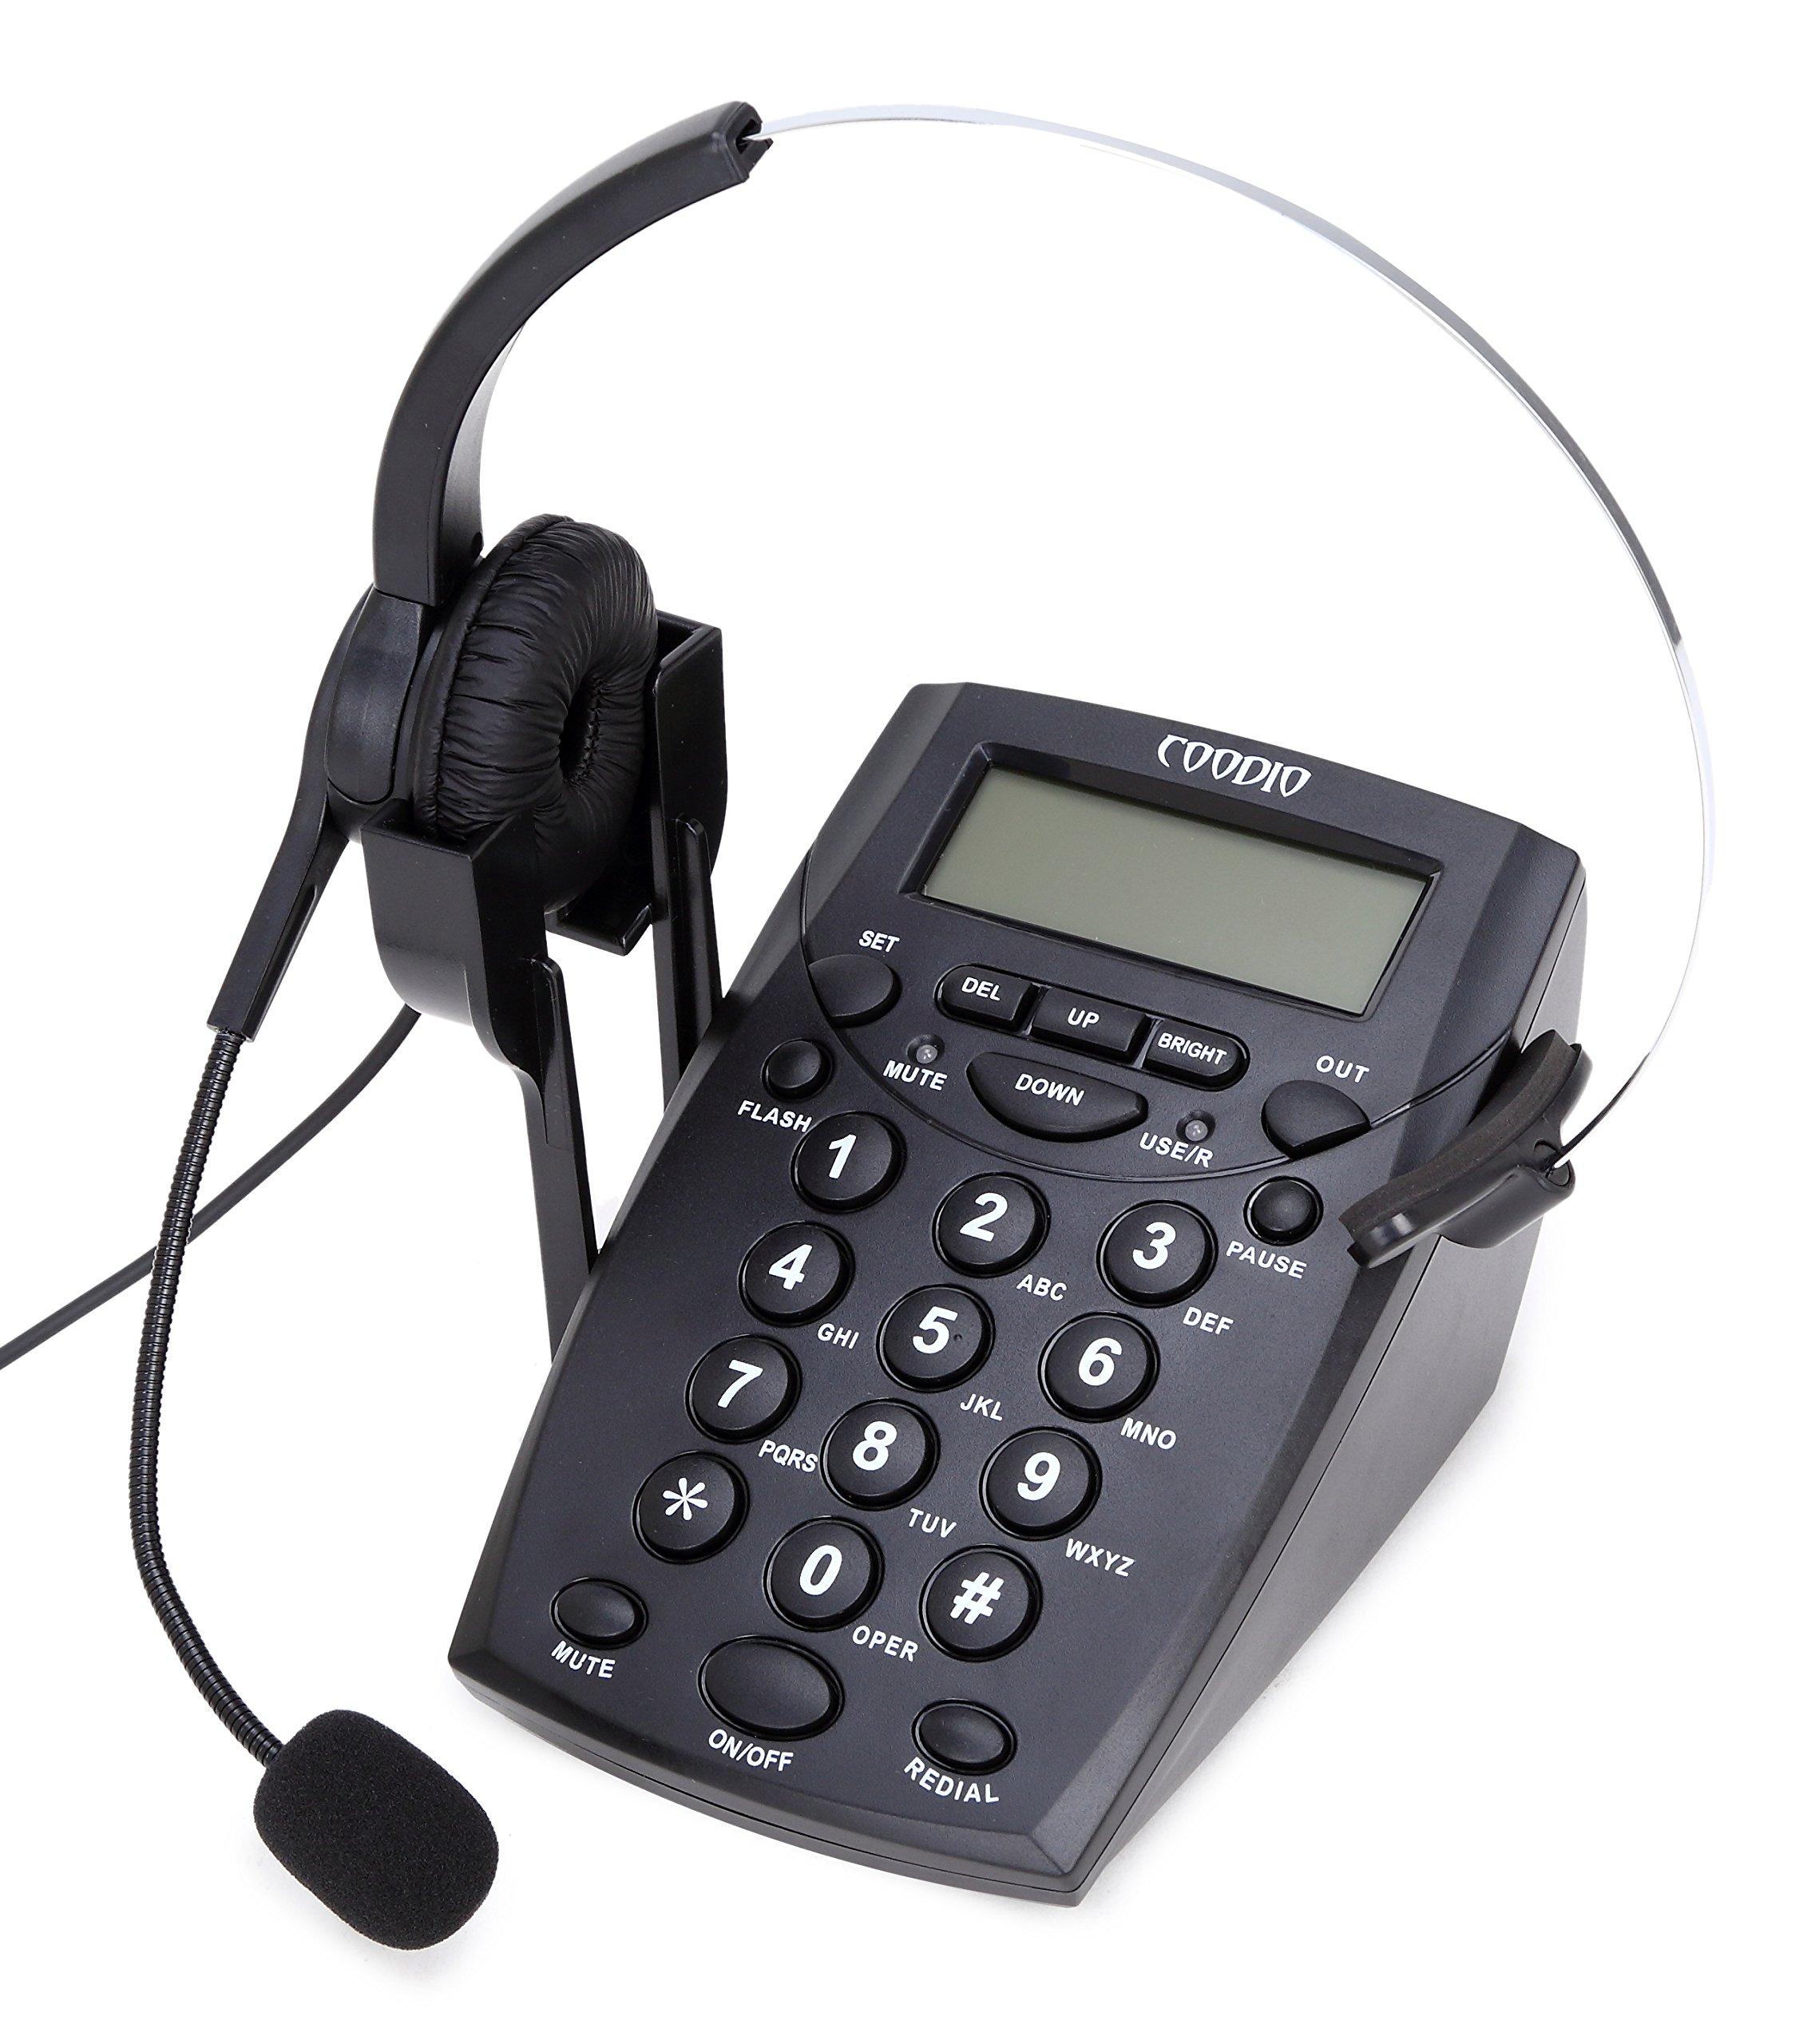 Teléfono Fijo, Coodio Call Center Teléfono con auriculares y cable de la grabación: Amazon.es: Electrónica